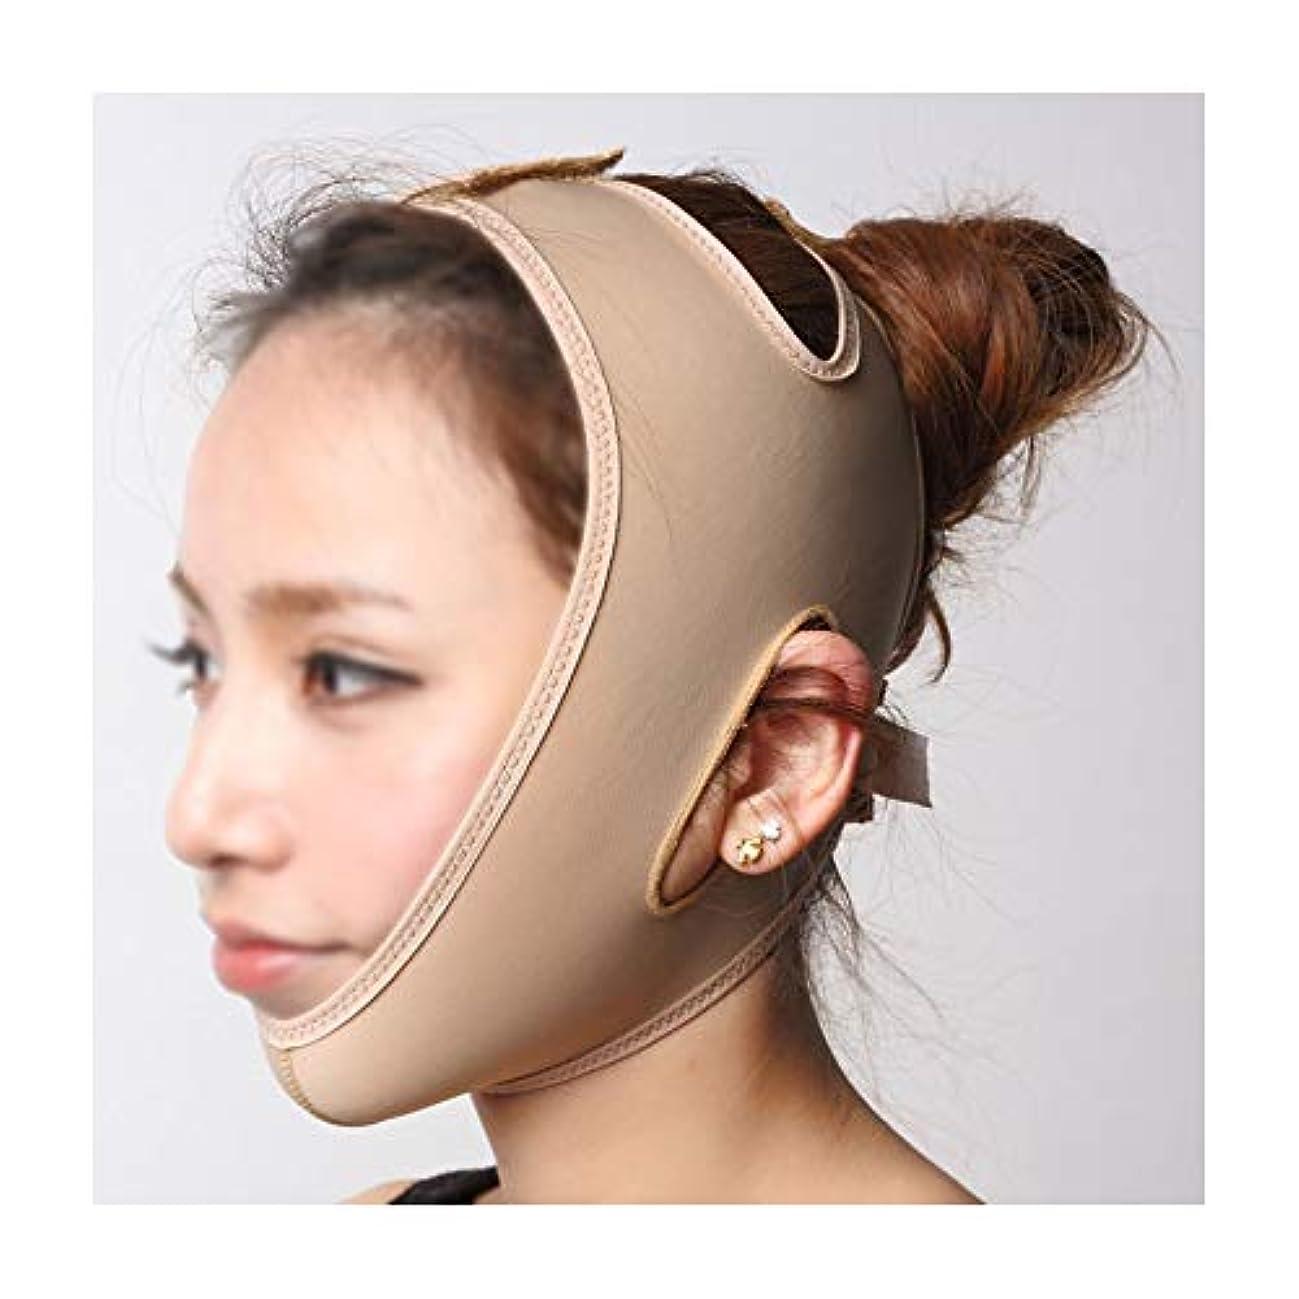 特徴づけるアピールリクルートLJK 引き締めフェイスマスク、睡眠薄い顔包帯薄いフェイスマスクフェイスリフティングフェイスメロンフェイスVフェイスリフティング引き締め二重あご美容ツール (Size : XXL)